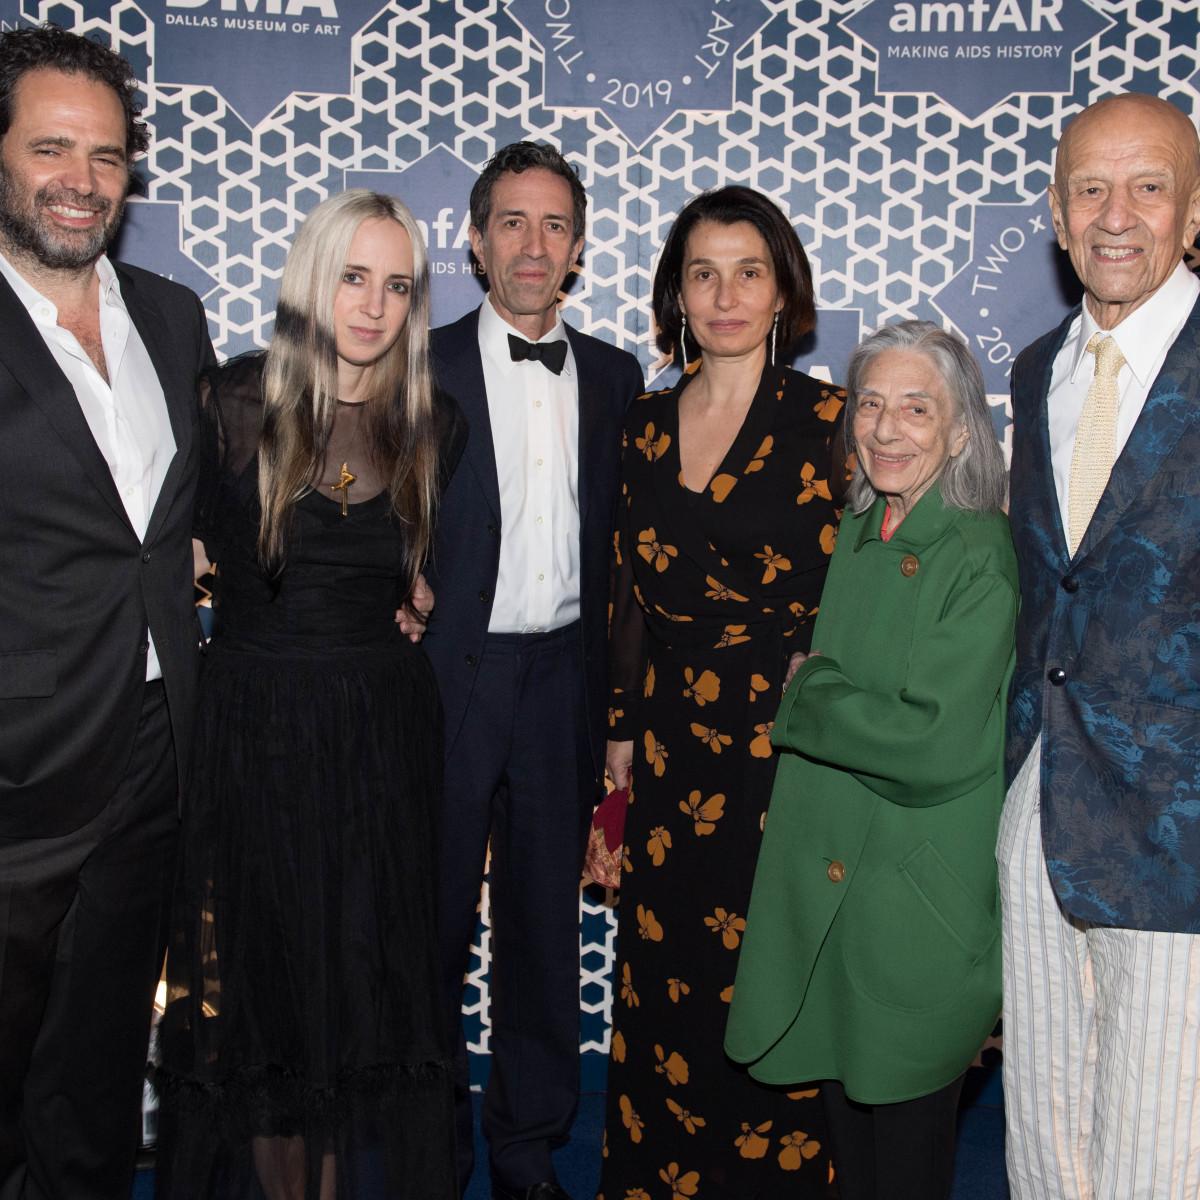 Gavin Brown, Hope Atherton, Vincent & Vivian Katz, Ada and Alex Katz